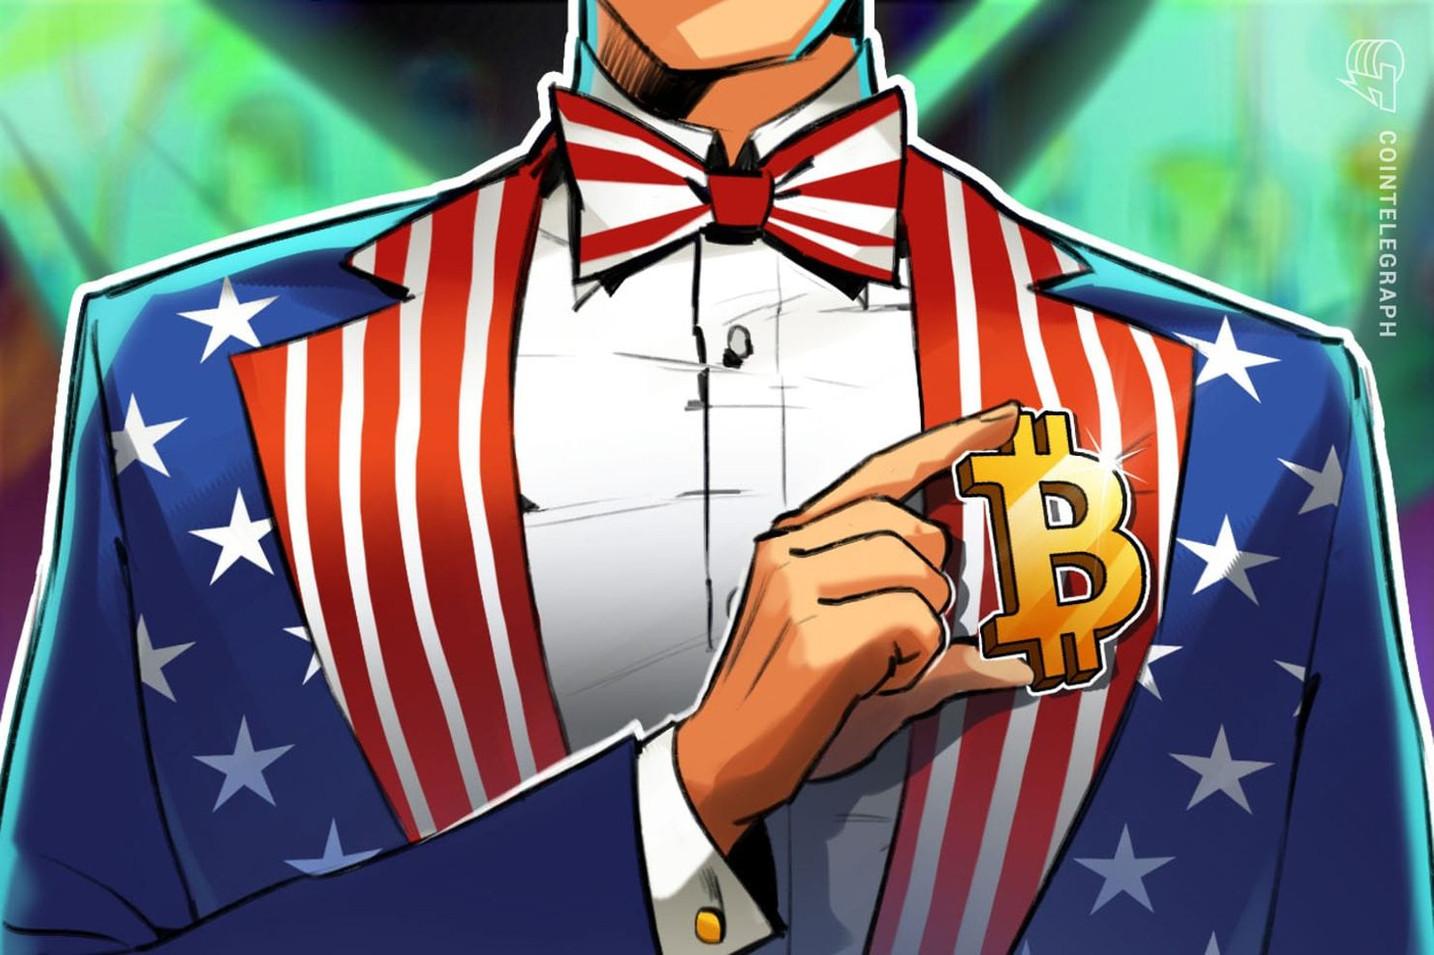 米シカゴ市長「フィンテックで仮想通貨が一番アツい」 金融危機時の「生き残る手段」と予想